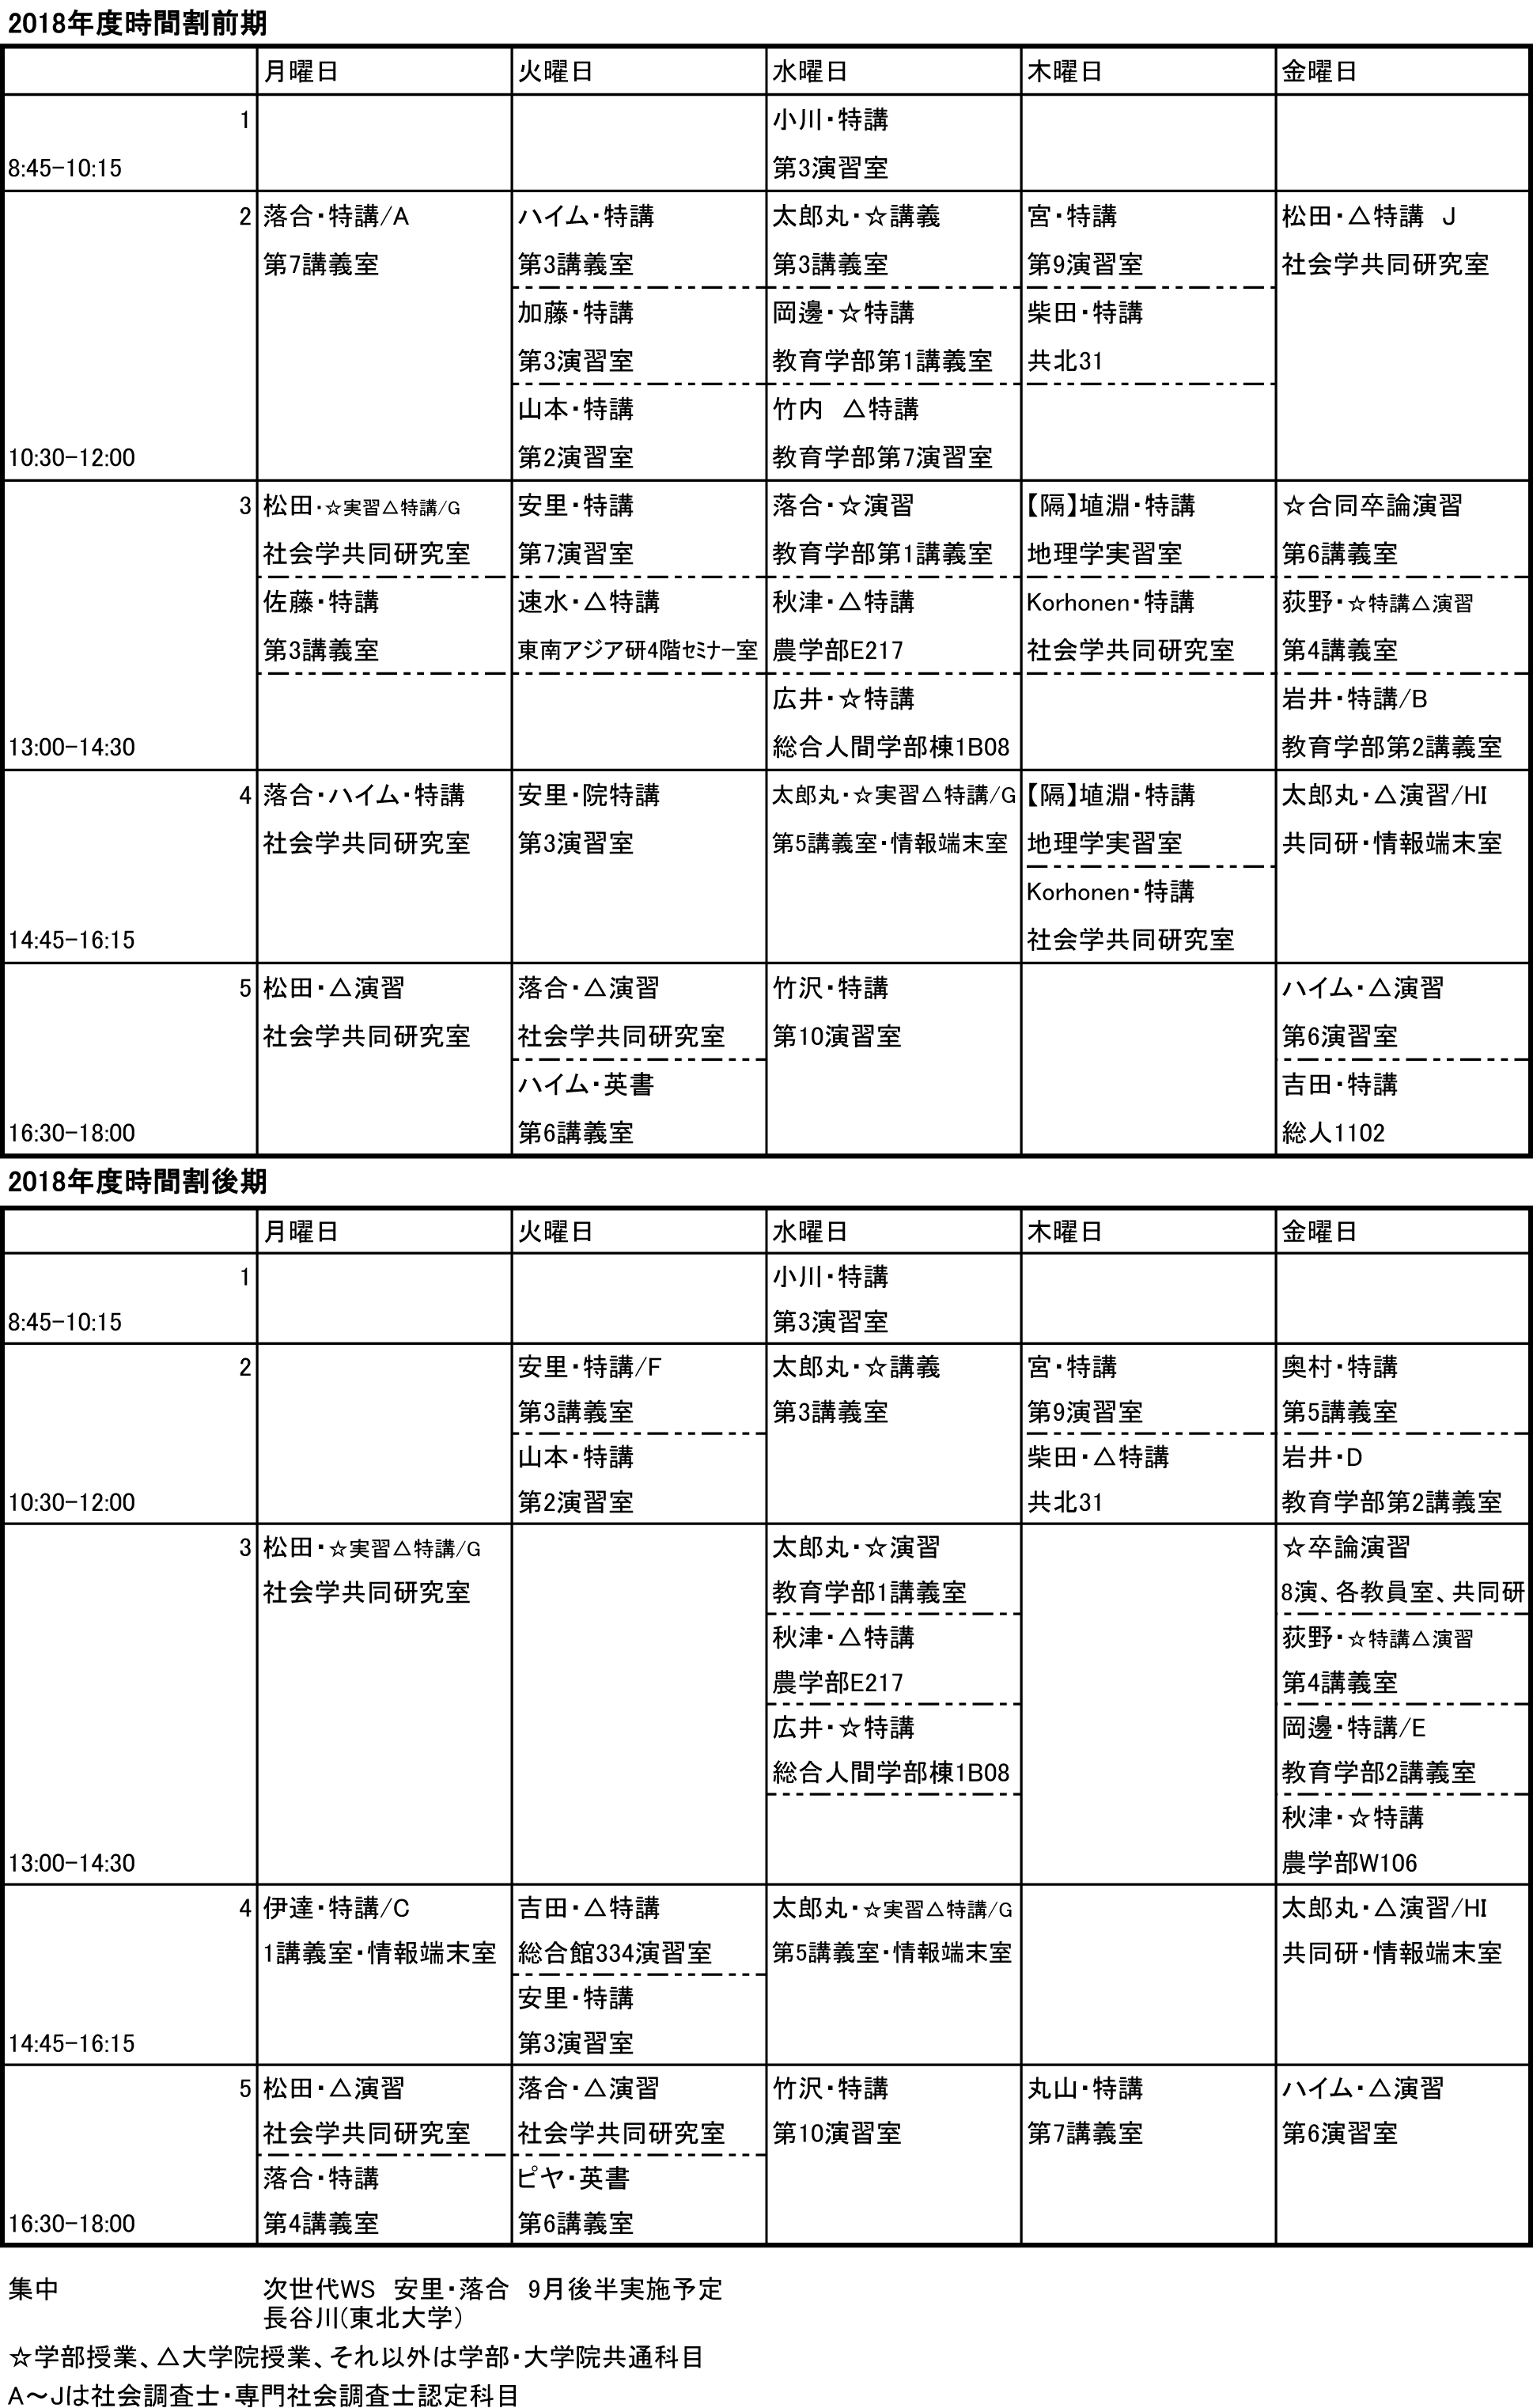 2018年度時間割 | 京都大学 大学院文学研究科・文学部 社会学 ...